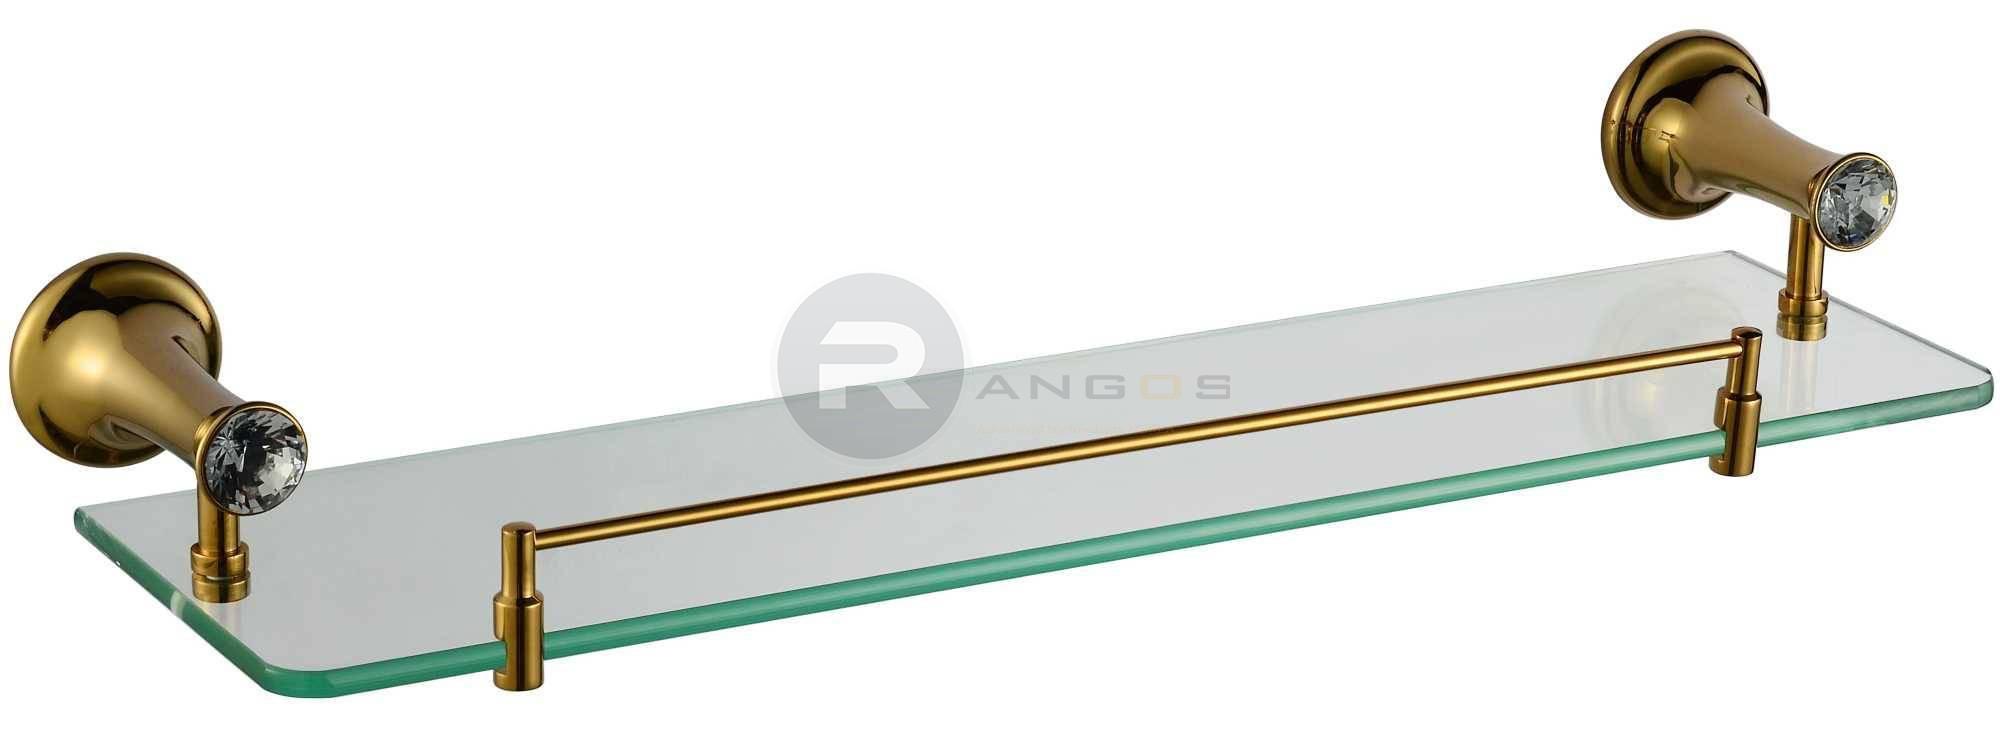 Kệ kính Rangos RG-PK3KK